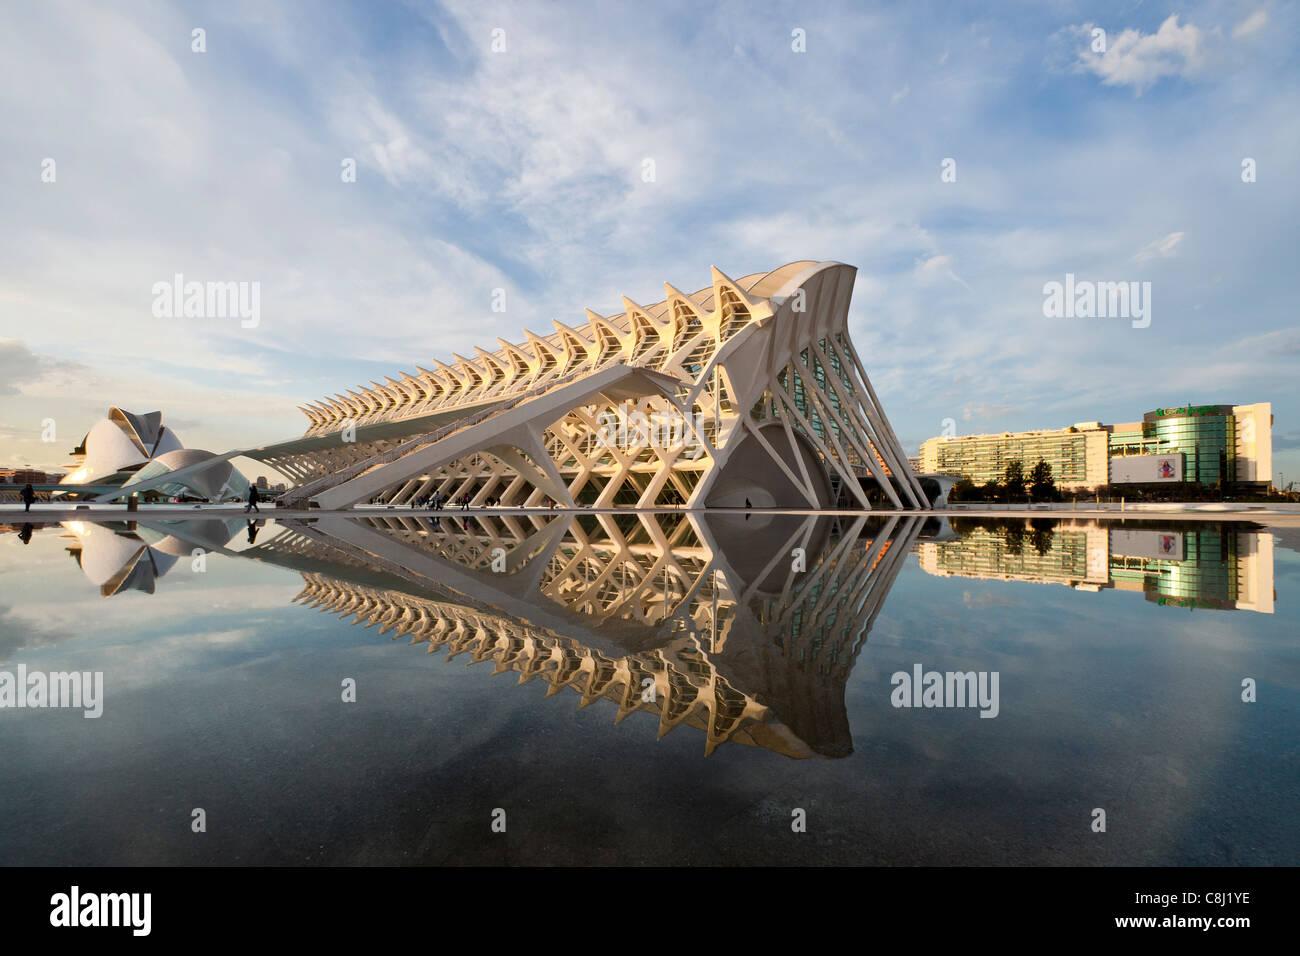 Spanien, Europa, Valencia, Stadt der Künste und Wissenschaft, Calatrava, Architektur, modern, Wasser Stockbild